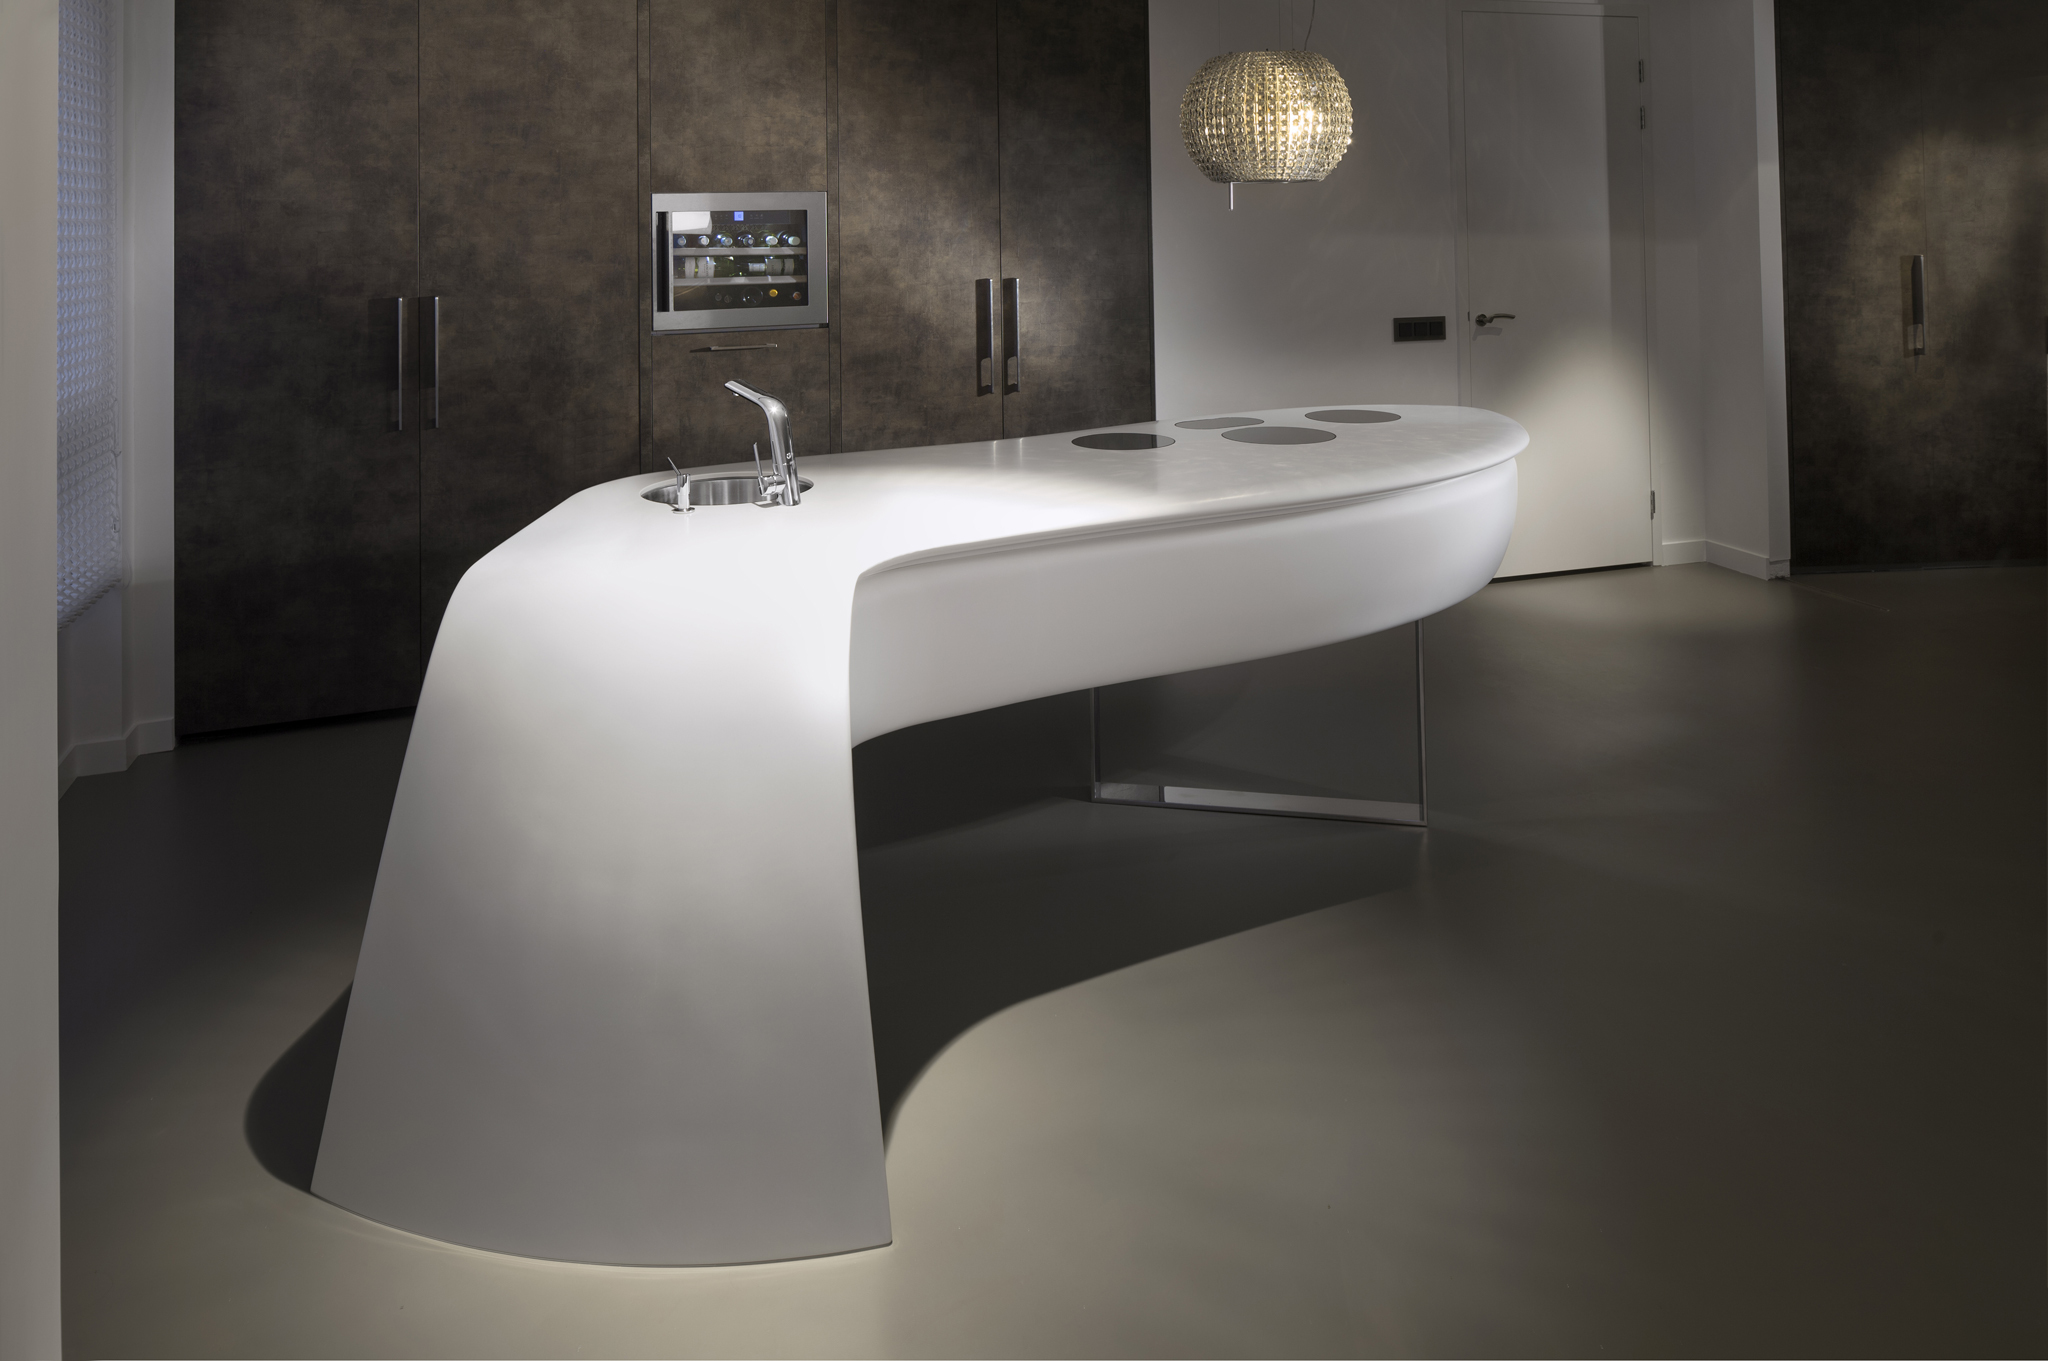 Luxe Design Keuken : Bijzondere keukendesign wiggers keukens